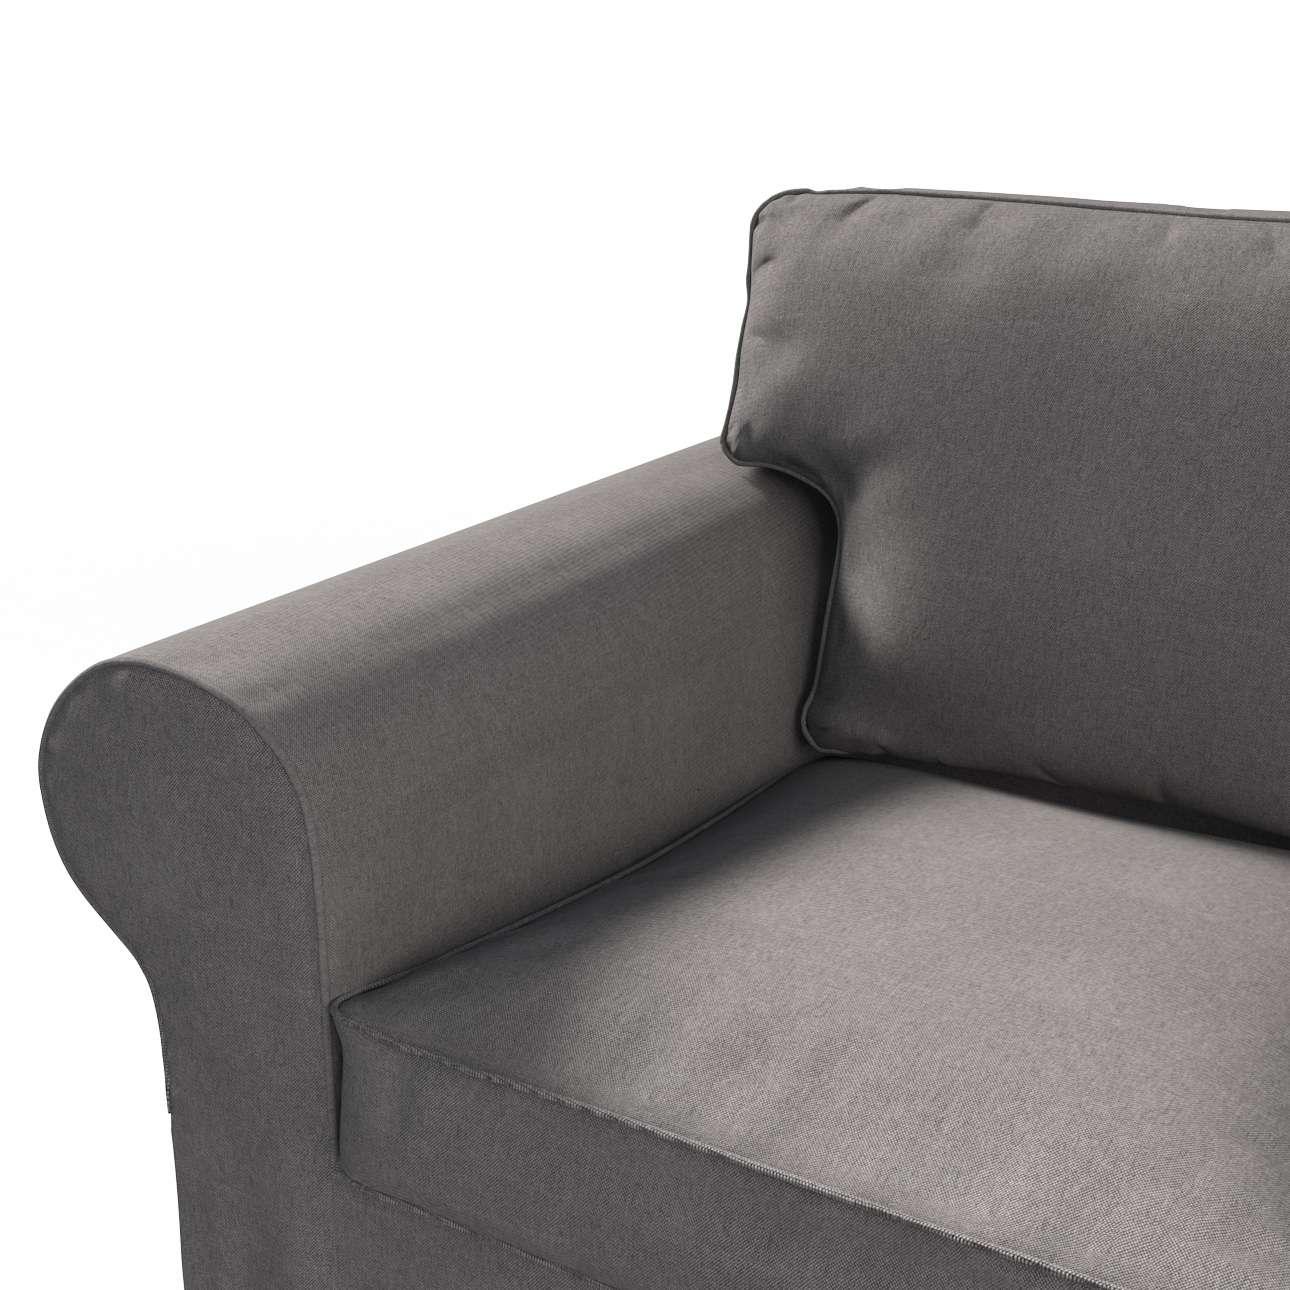 Potah na pohovku IKEA Ektorp 2-místná rozkládací  NOVÝ MODEL 2012 Ektorp 2012 v kolekci Etna, látka: 705-35